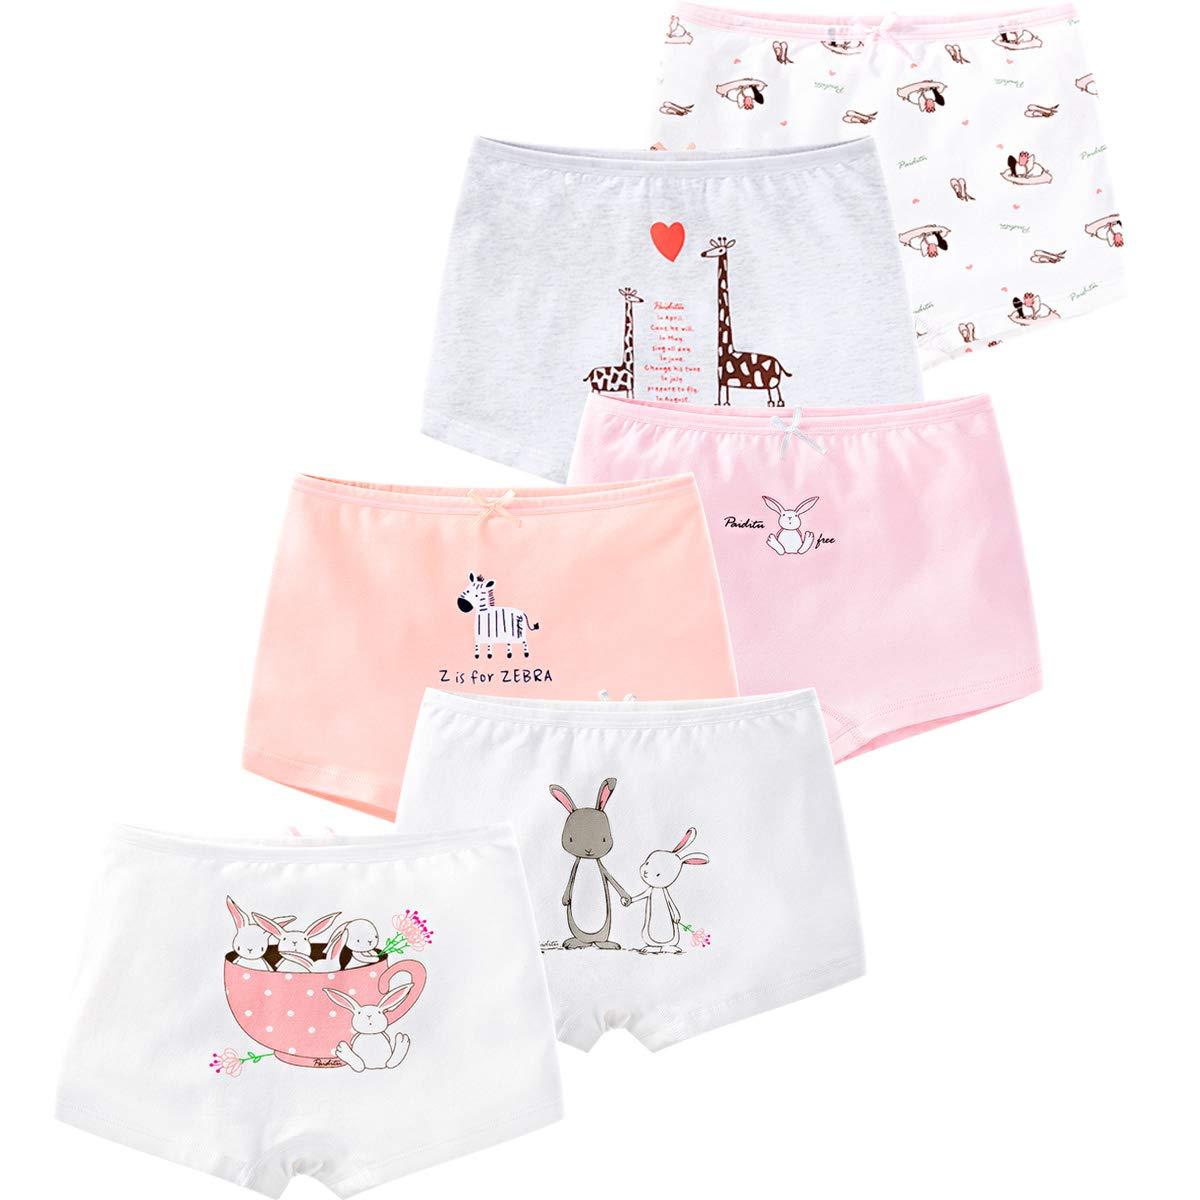 116f63e6f94 LeQeZe De 6 Bébé Fille Panty Culotte Filles Shorty Enfants Coton Boxer Slip  Pantalon sous-